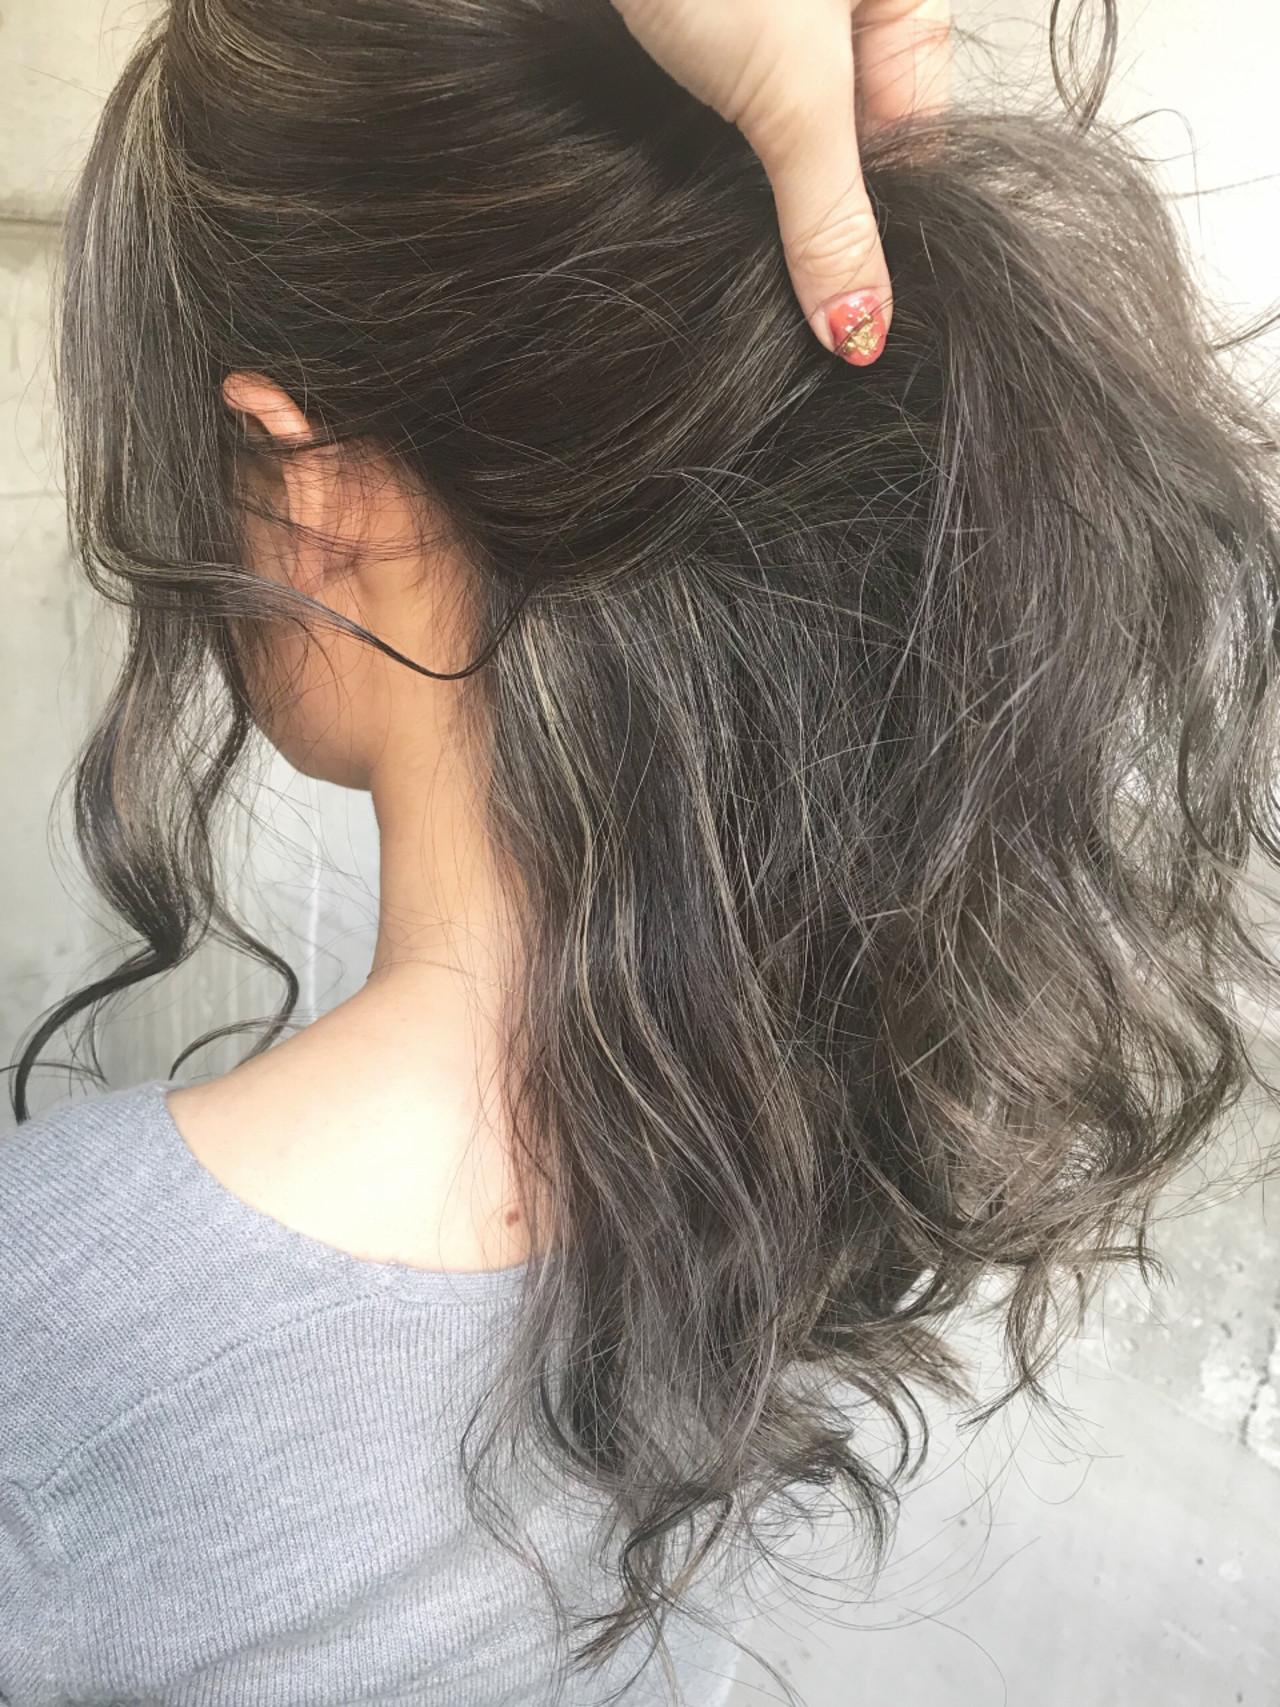 セミロング ストリート ハイライト 外国人風 ヘアスタイルや髪型の写真・画像 | ♡ m i w a ♡schritt渋谷 / schritt (シュリット)渋谷